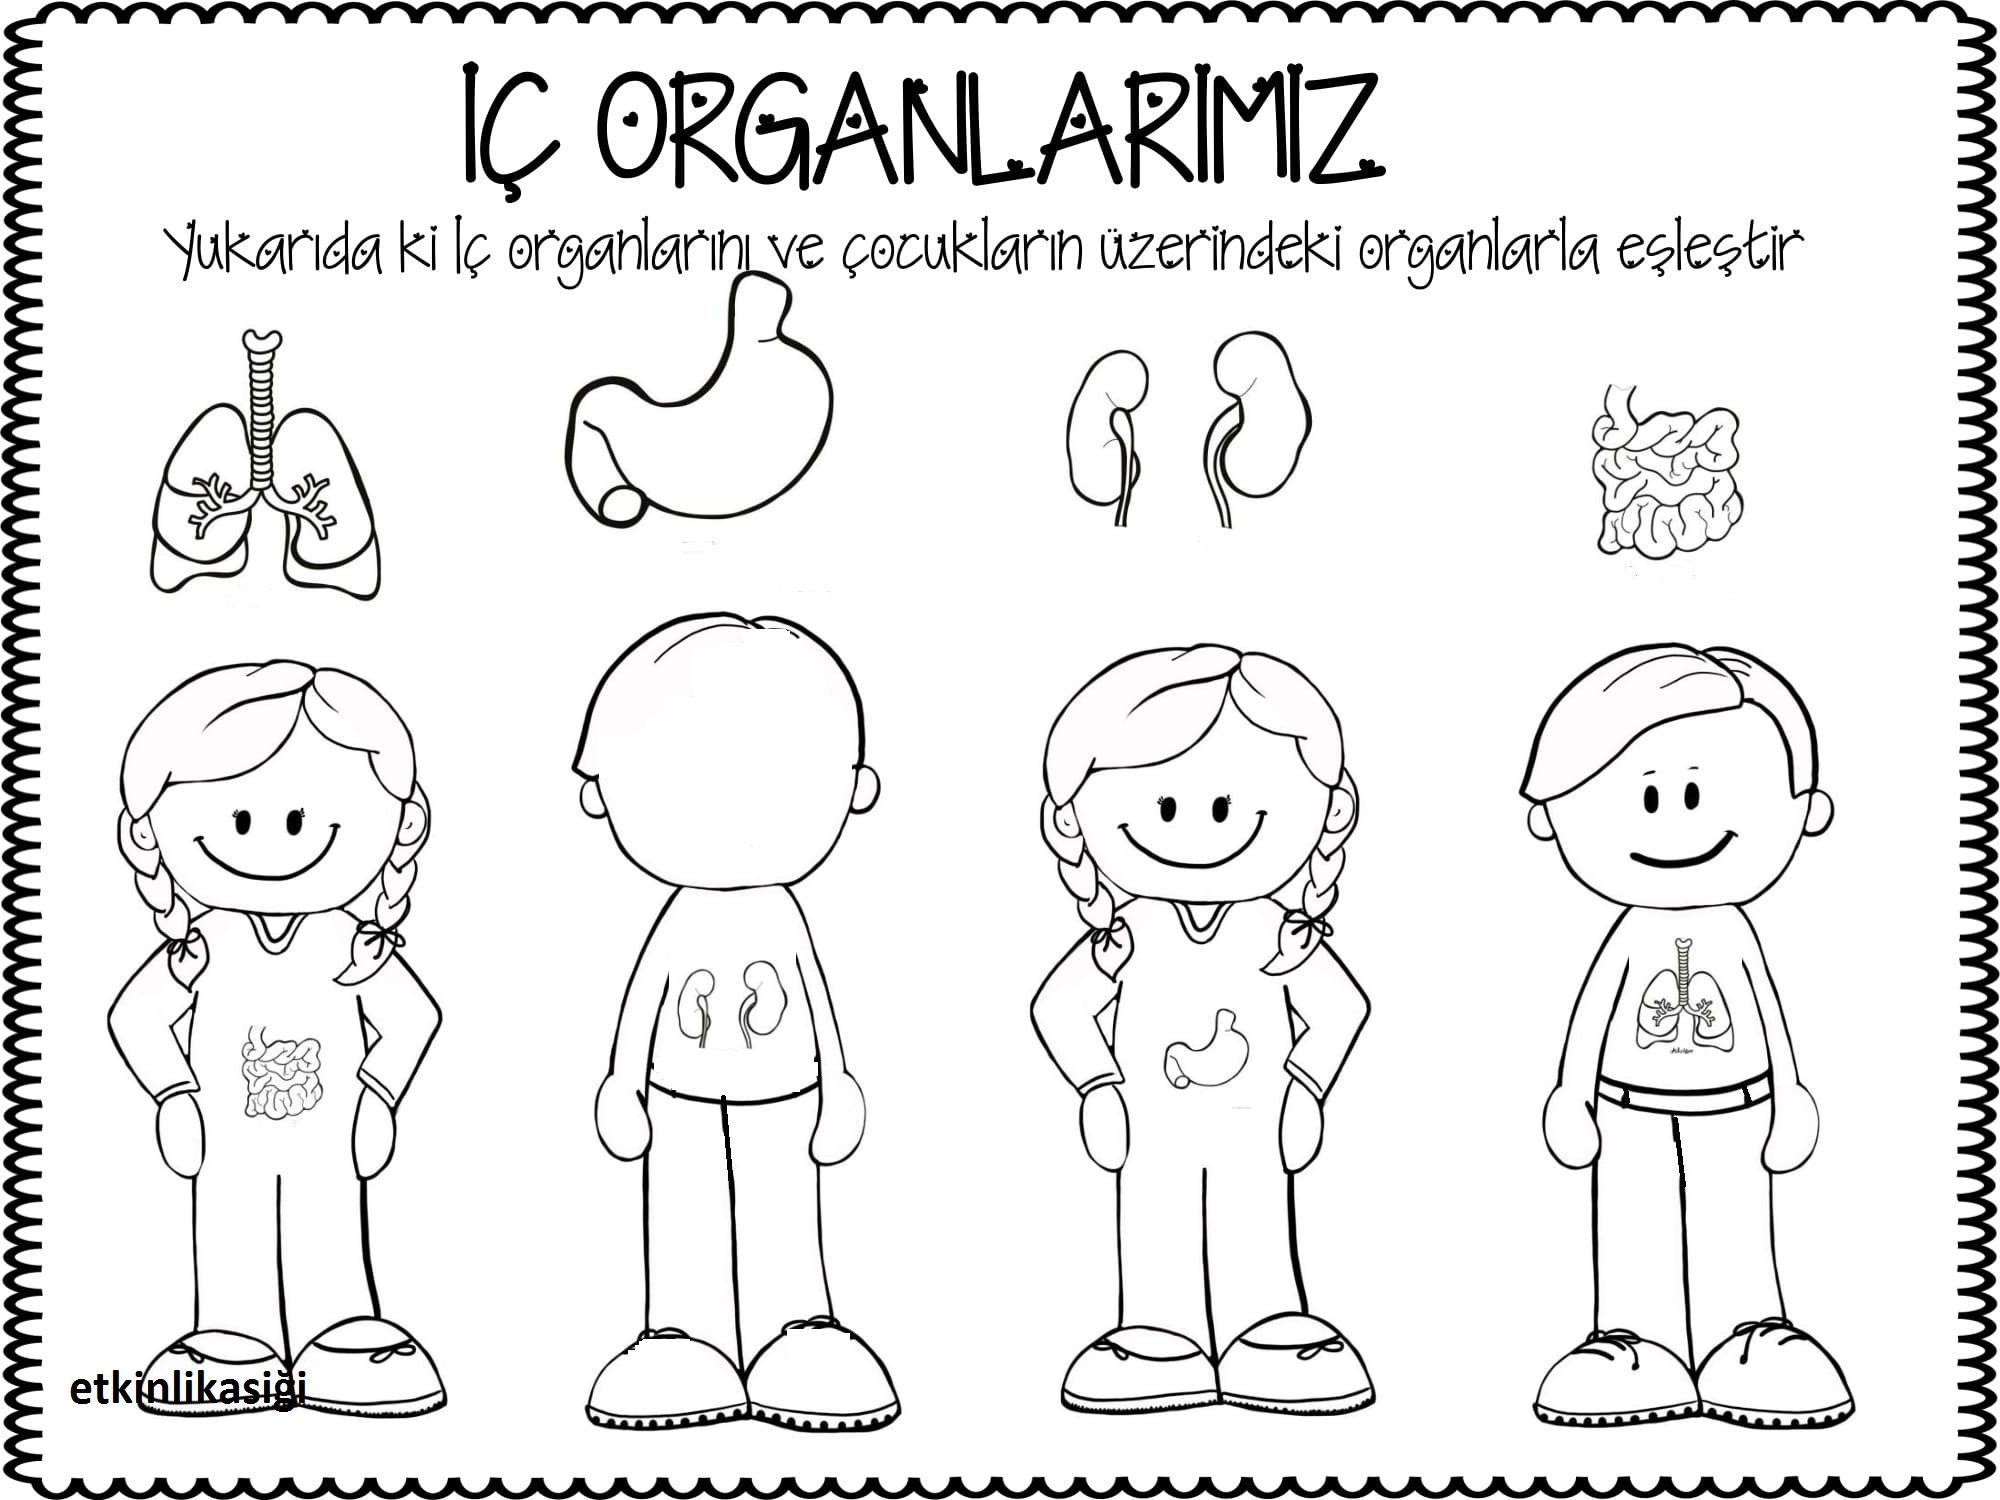 Iç Organlarim Etkinlikasigi Working Pages School Worksheets